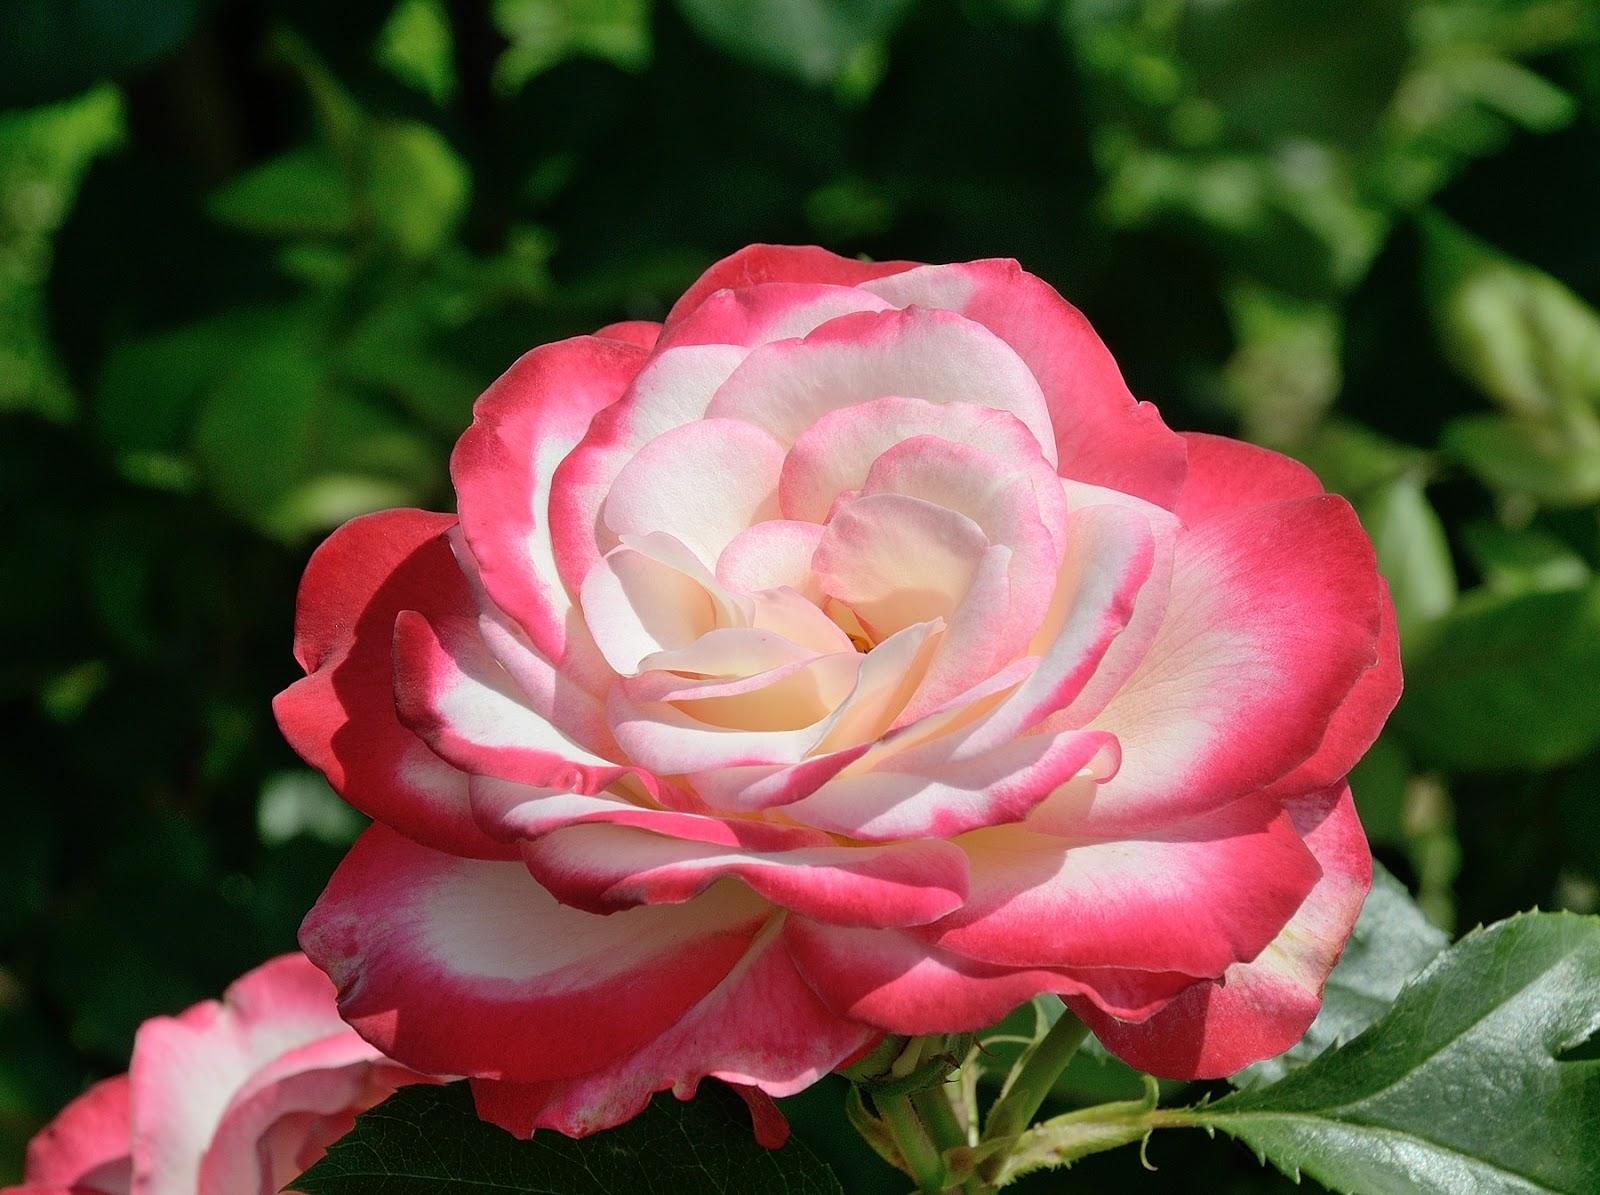 Купить в минске розы на рассаду заказать букет невесты недорого пермь